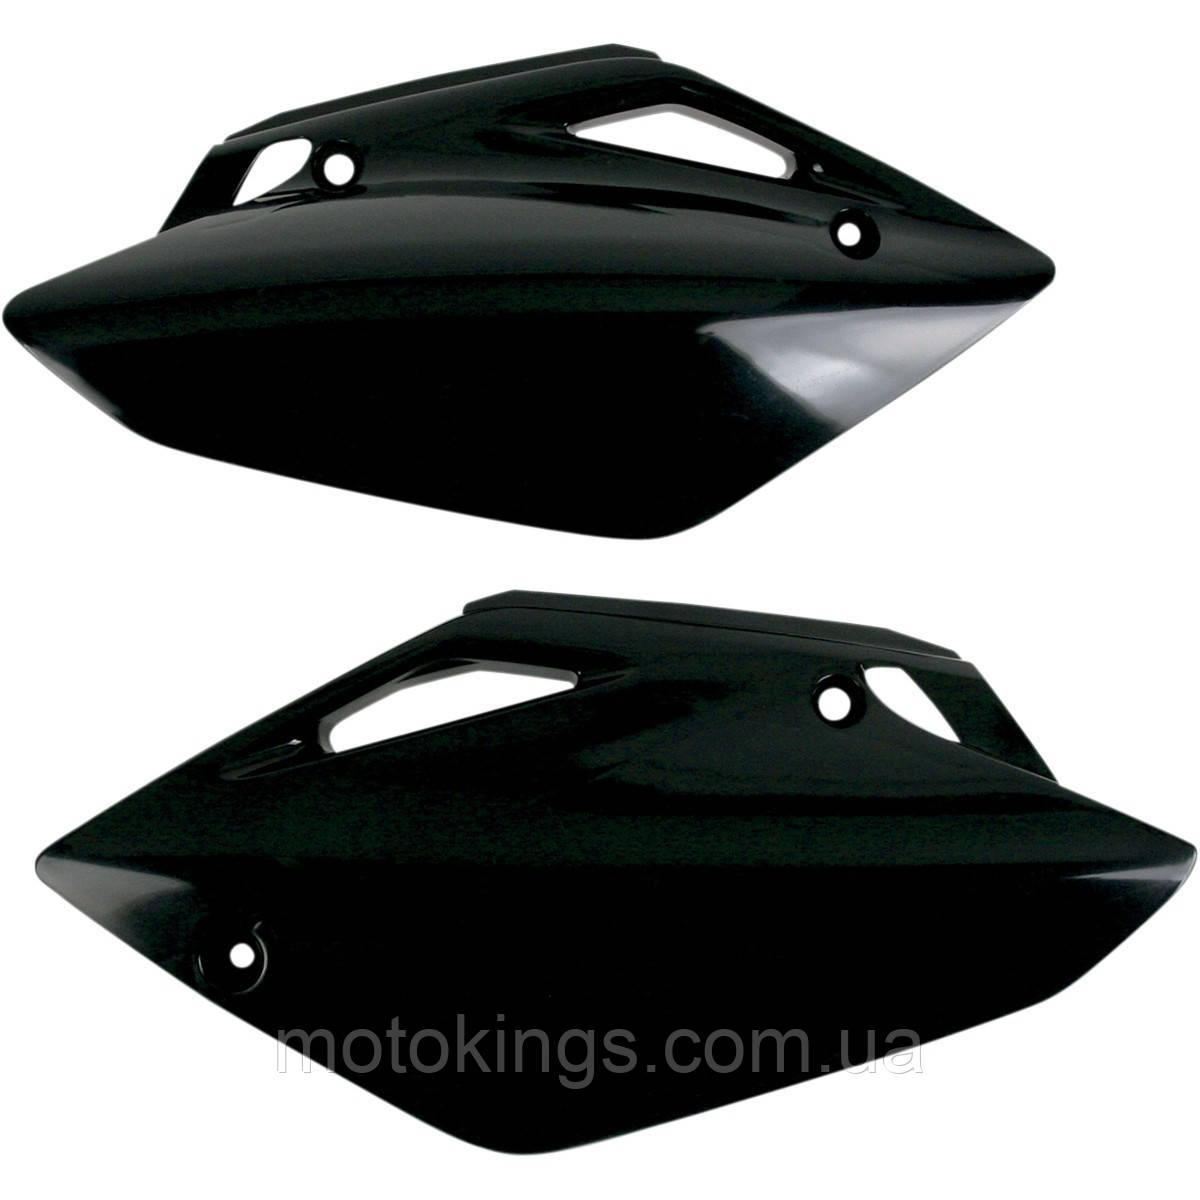 UFO БОКА ЗАДНИЕ HONDA CRF 150R '07-'09 ЧЕРНЫЙ ЦВЕТ  (HO04620001)